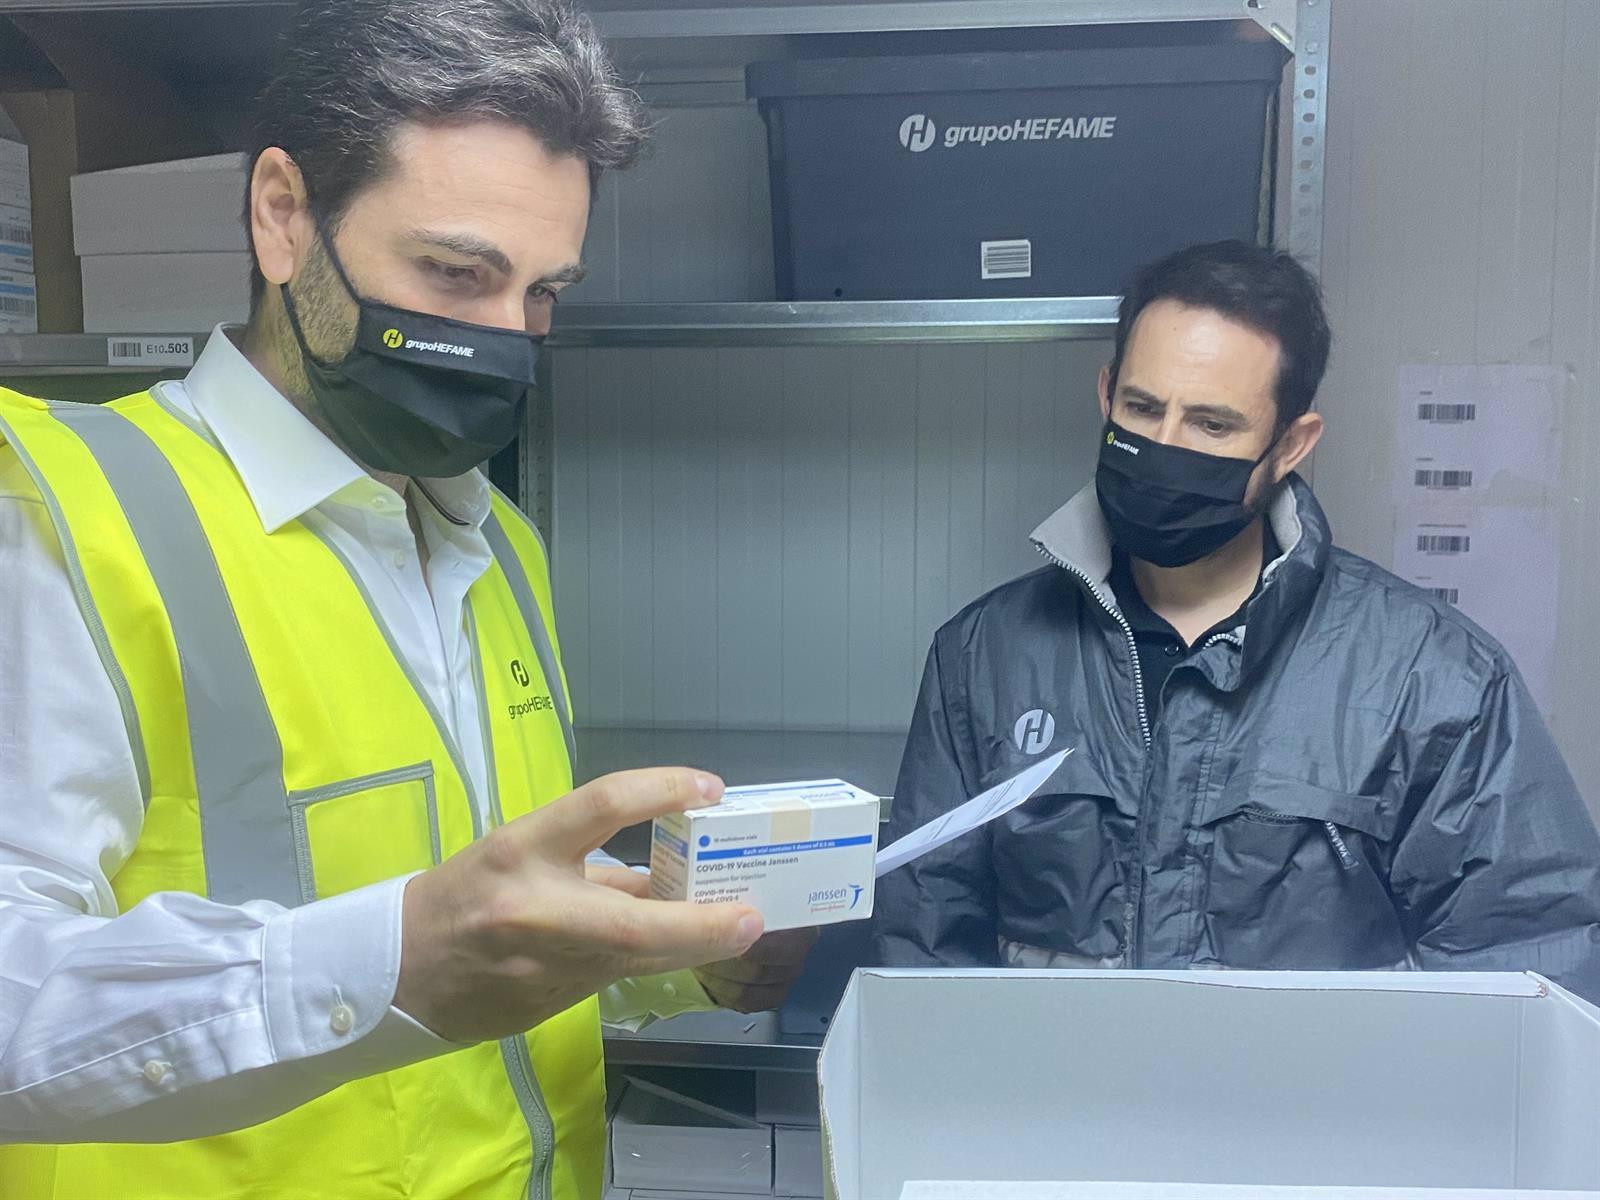 hefame recibe en santomera las primeras 4 650 vacunas de janssen para la region de murcia